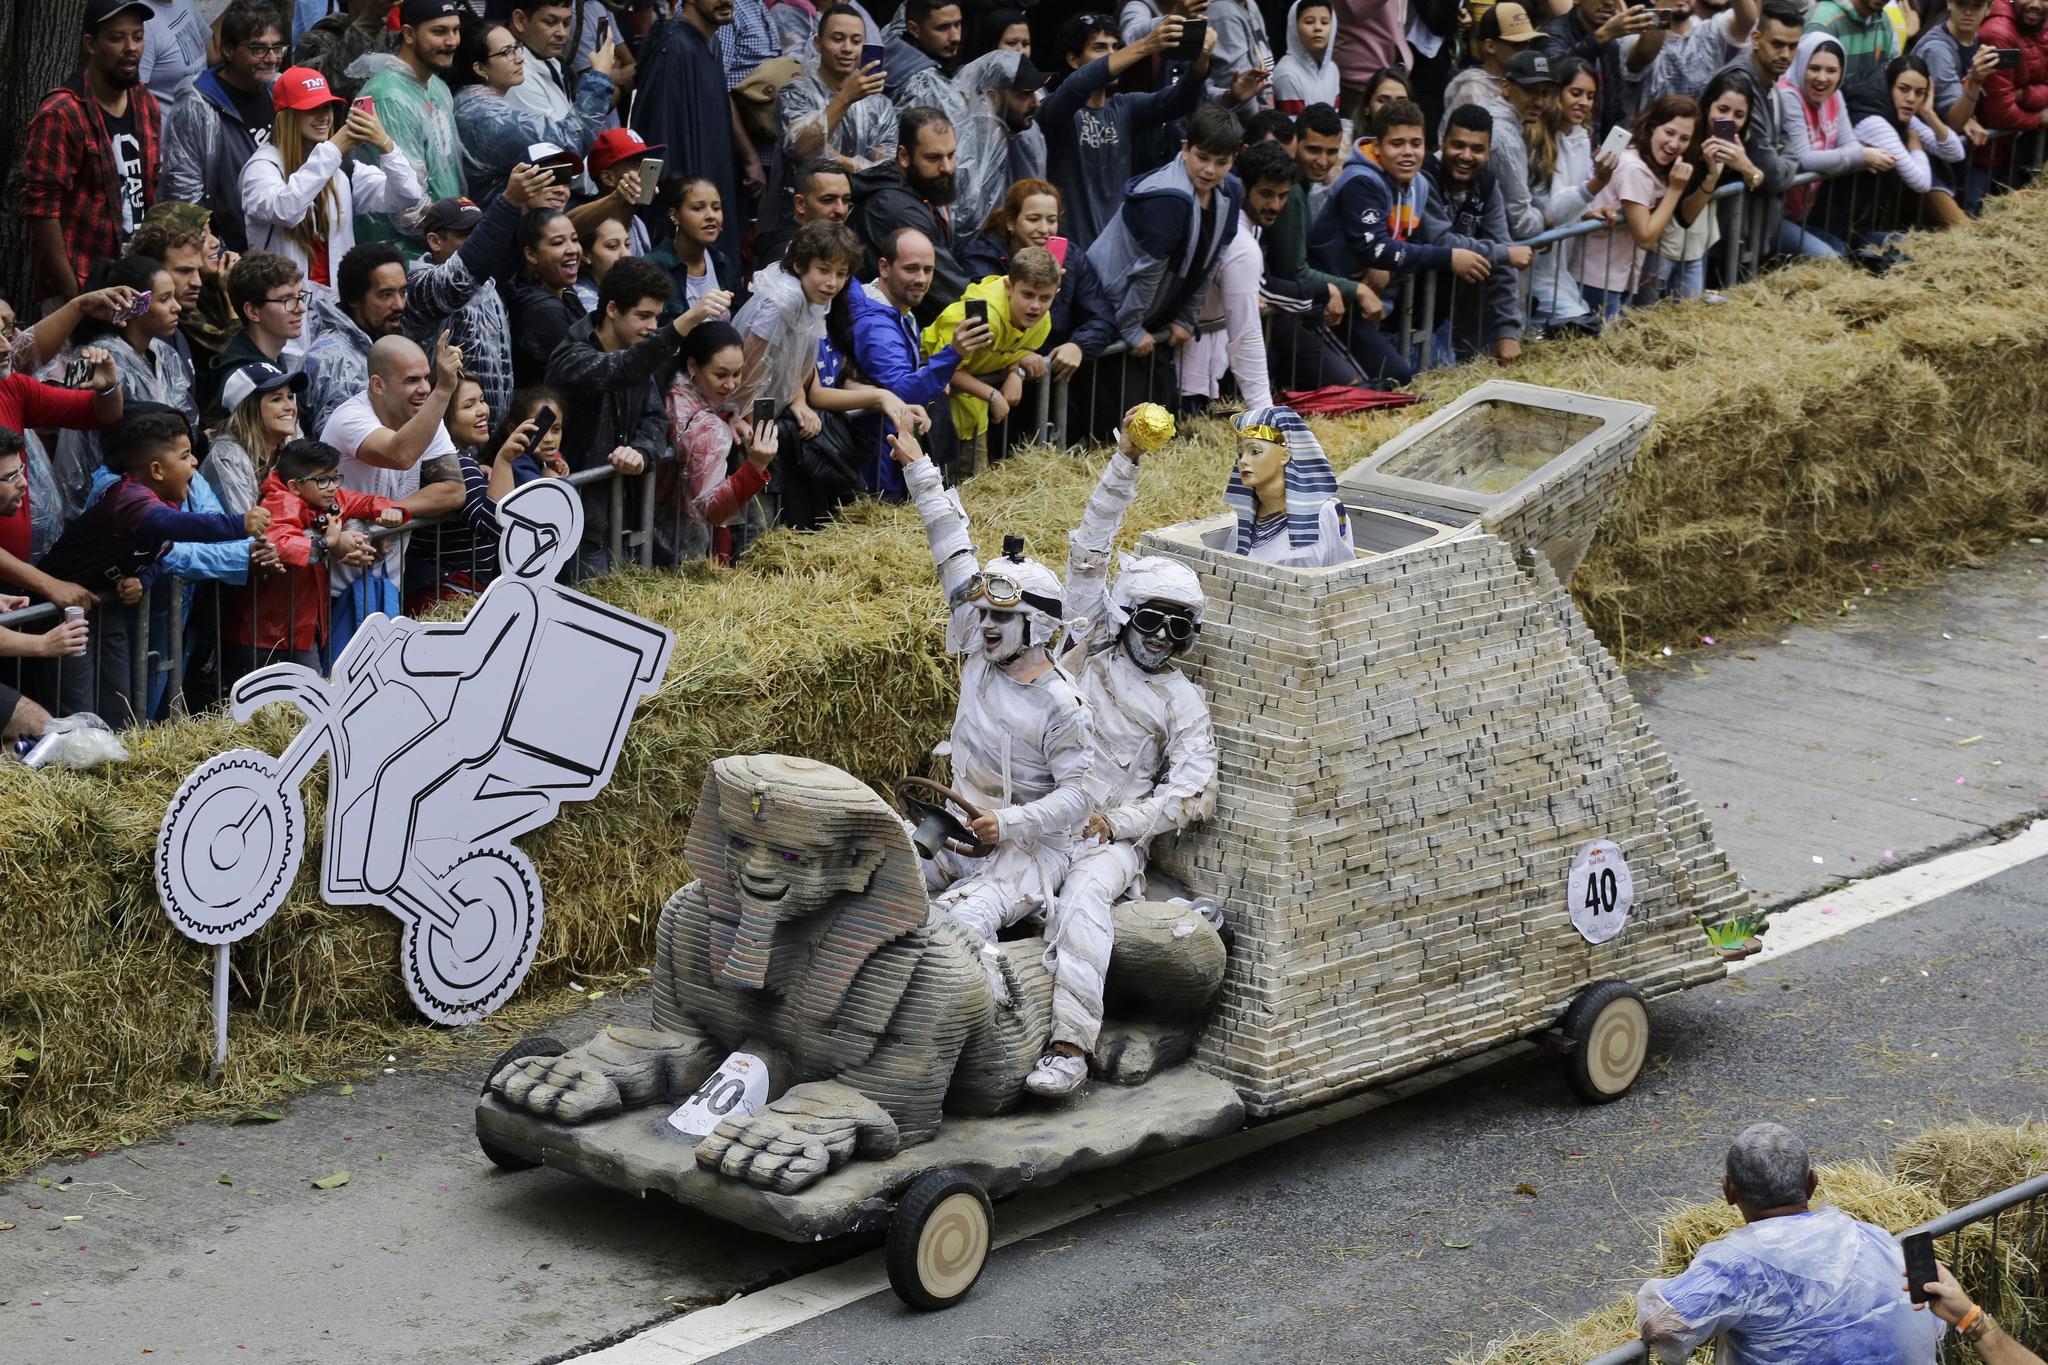 스핑크스 모양의 차를 탄 참가자들이 14일(현지시간) 브라질 상파울루에서 열린 '레드불 소프박스 레이스'에서 장애물을 통과한 뒤 기뻐하고 있다. [AP=연합뉴스]